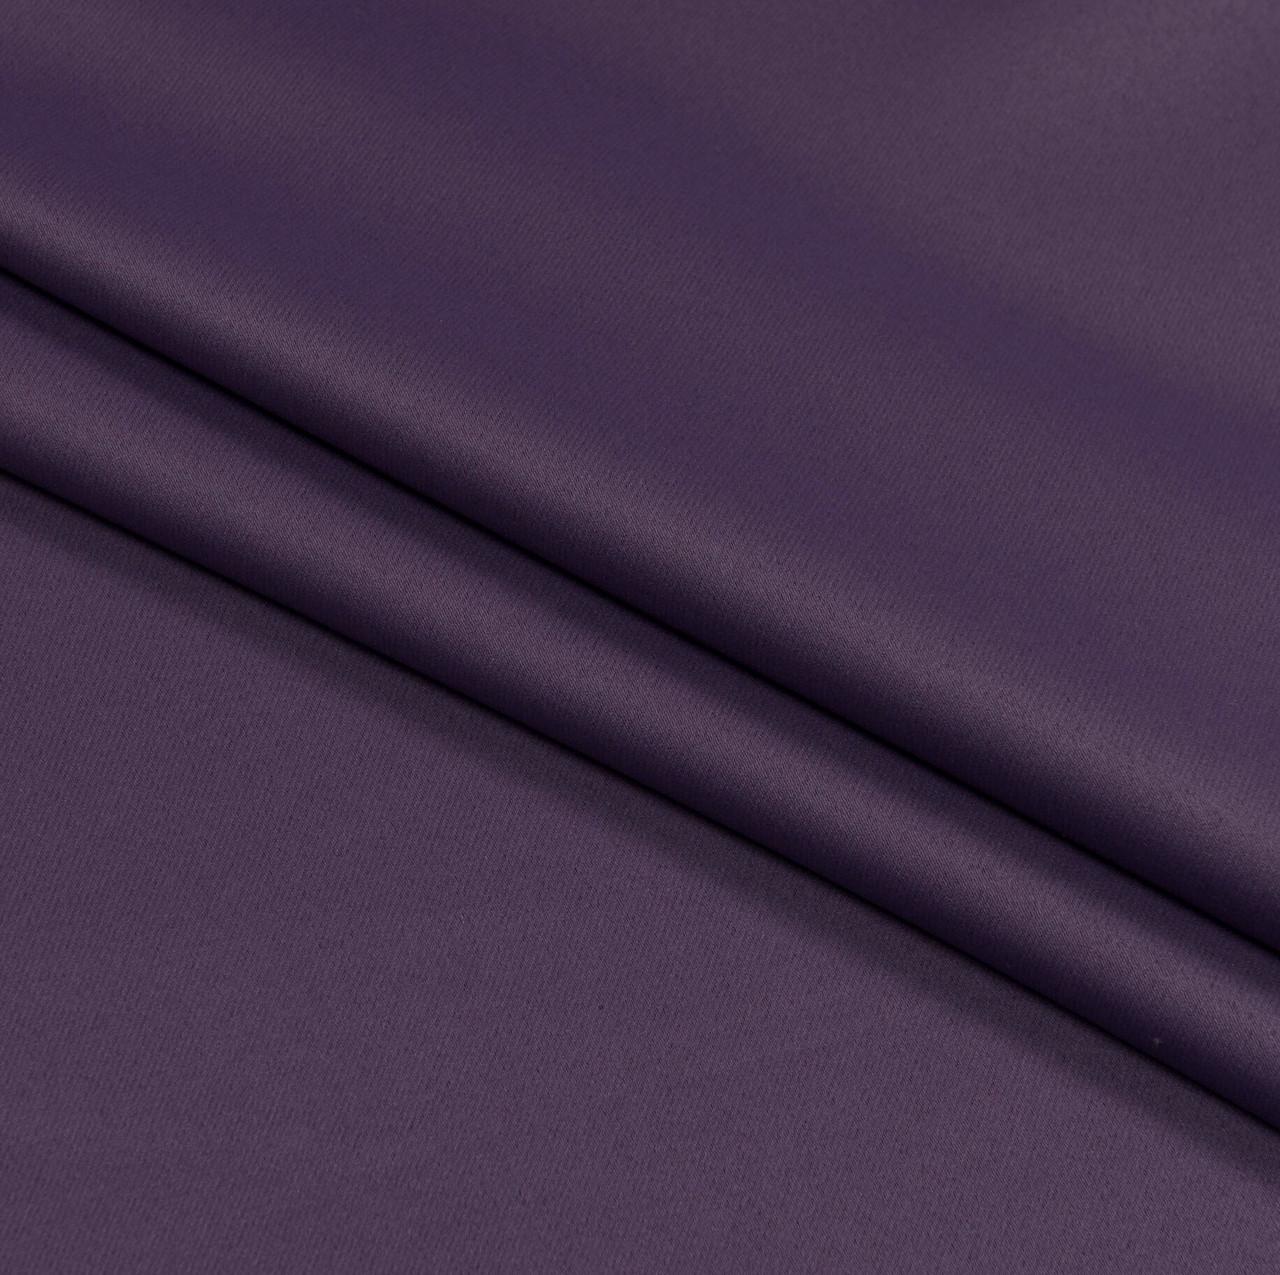 """Декоративная ткань Блэкаут люкс / blackout lux """"Фиолетовый"""""""